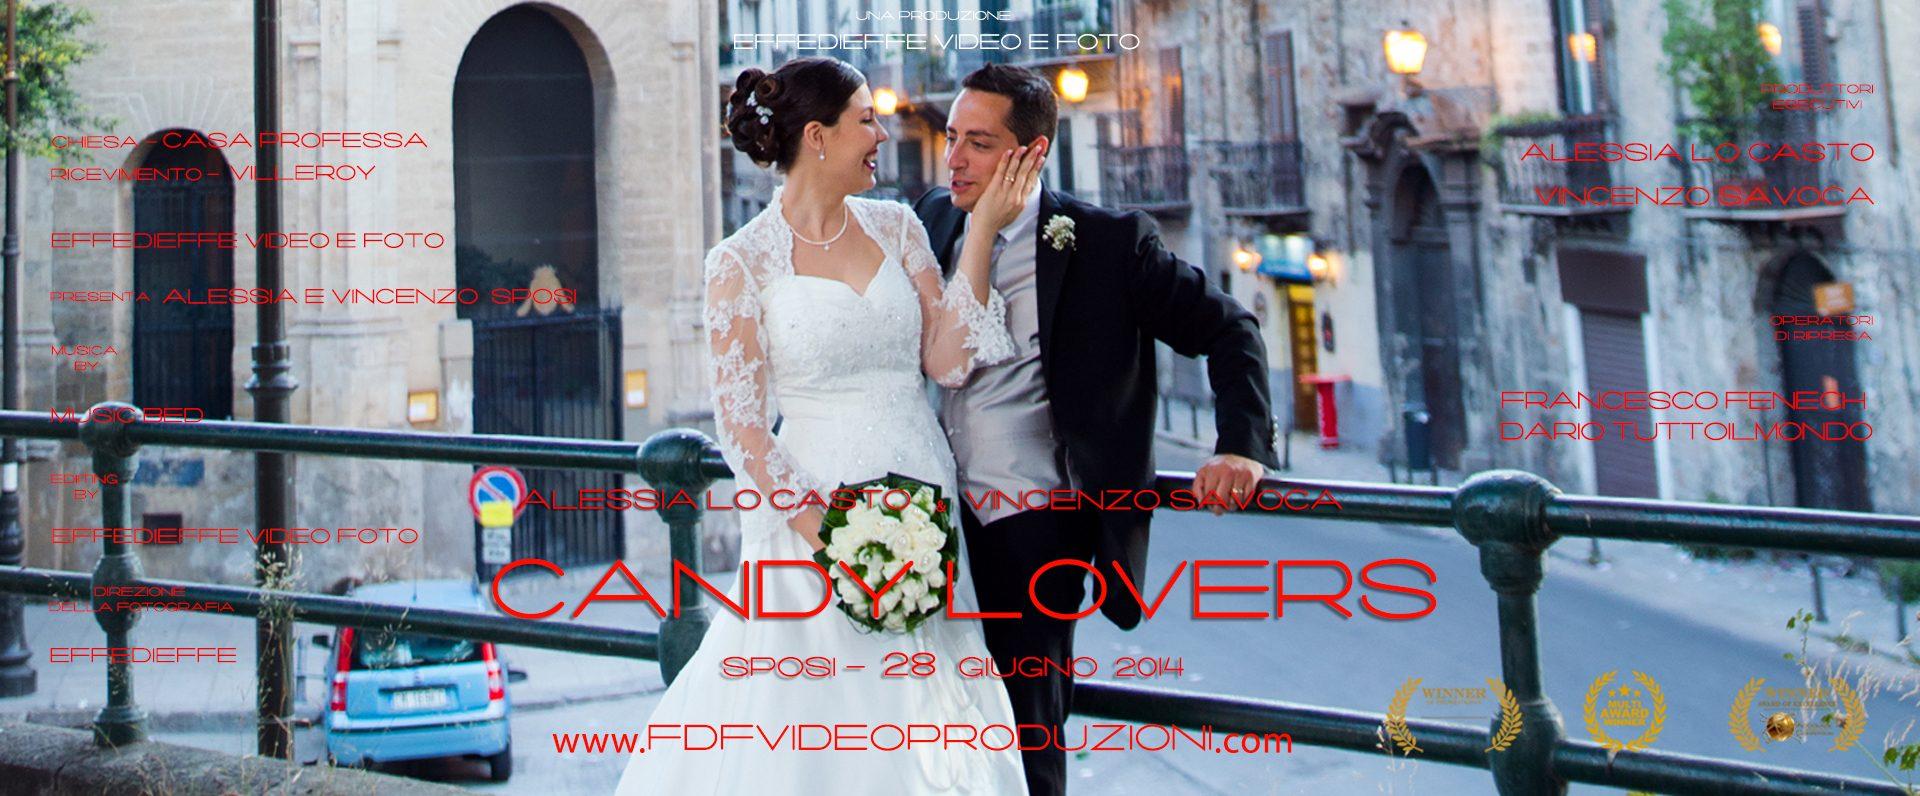 Vincenzo e ALESSIA